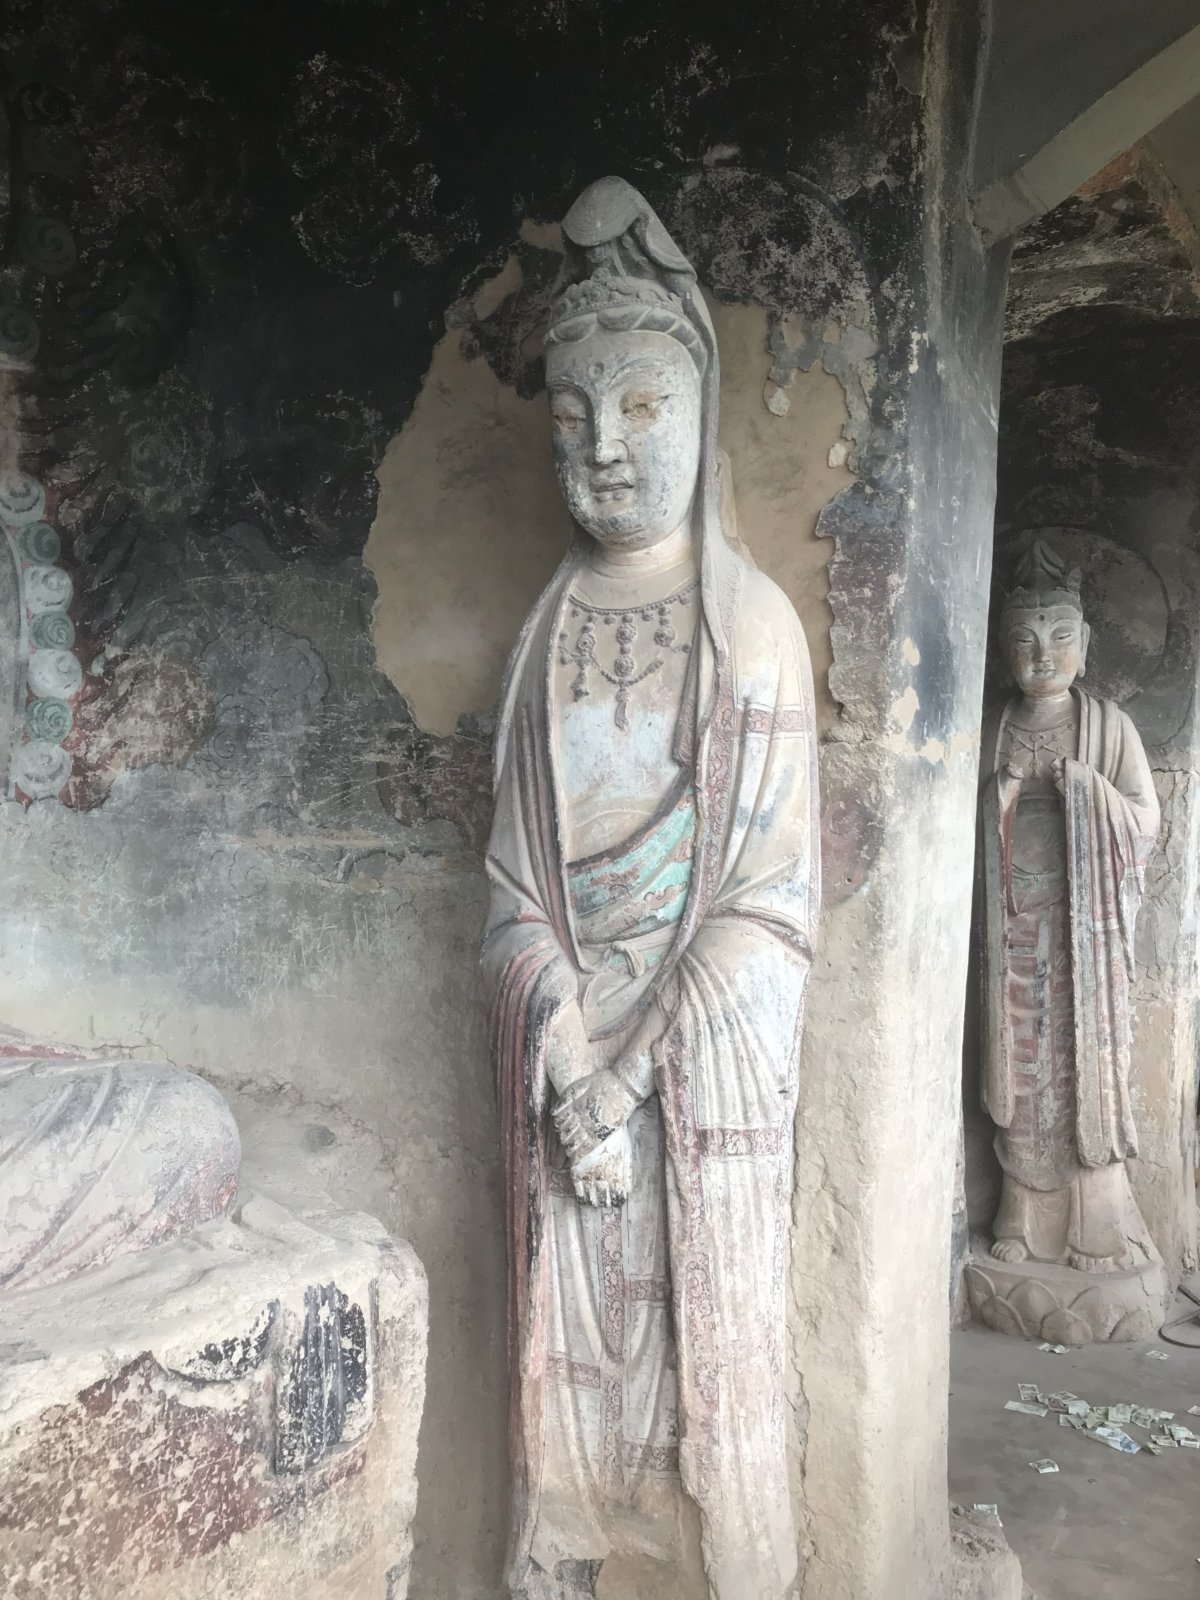 09-30 Temple Statue 03